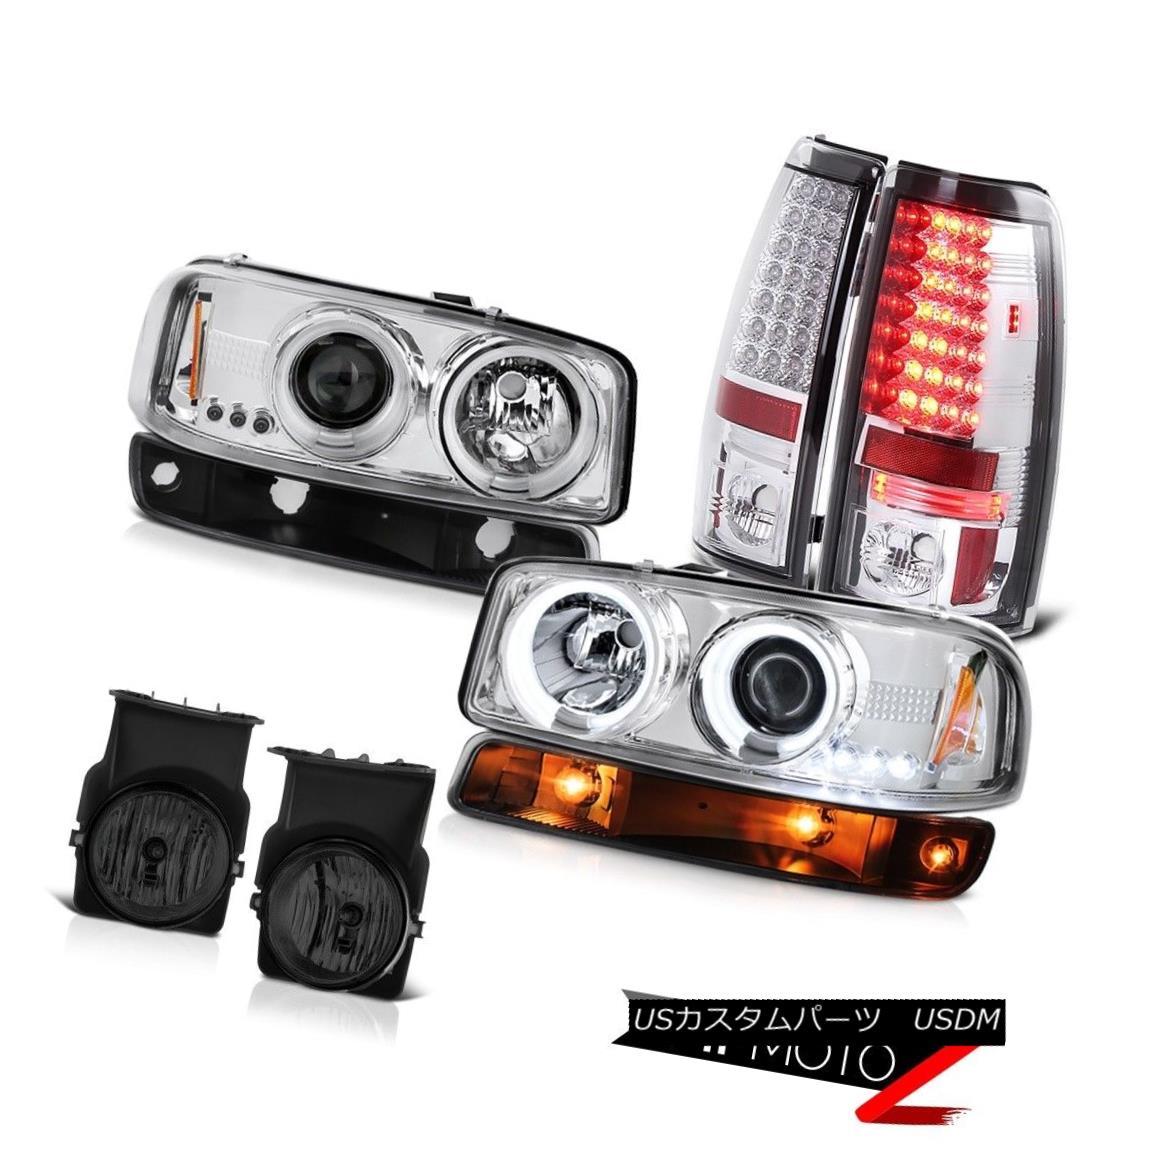 テールライト 03-06 Sierra 1500 Smokey foglamps taillamps parking light ccfl headlights LED 03-06 Sierra 1500スモーキーフォグランプテールランプパーキングライトccflヘッドライトLED